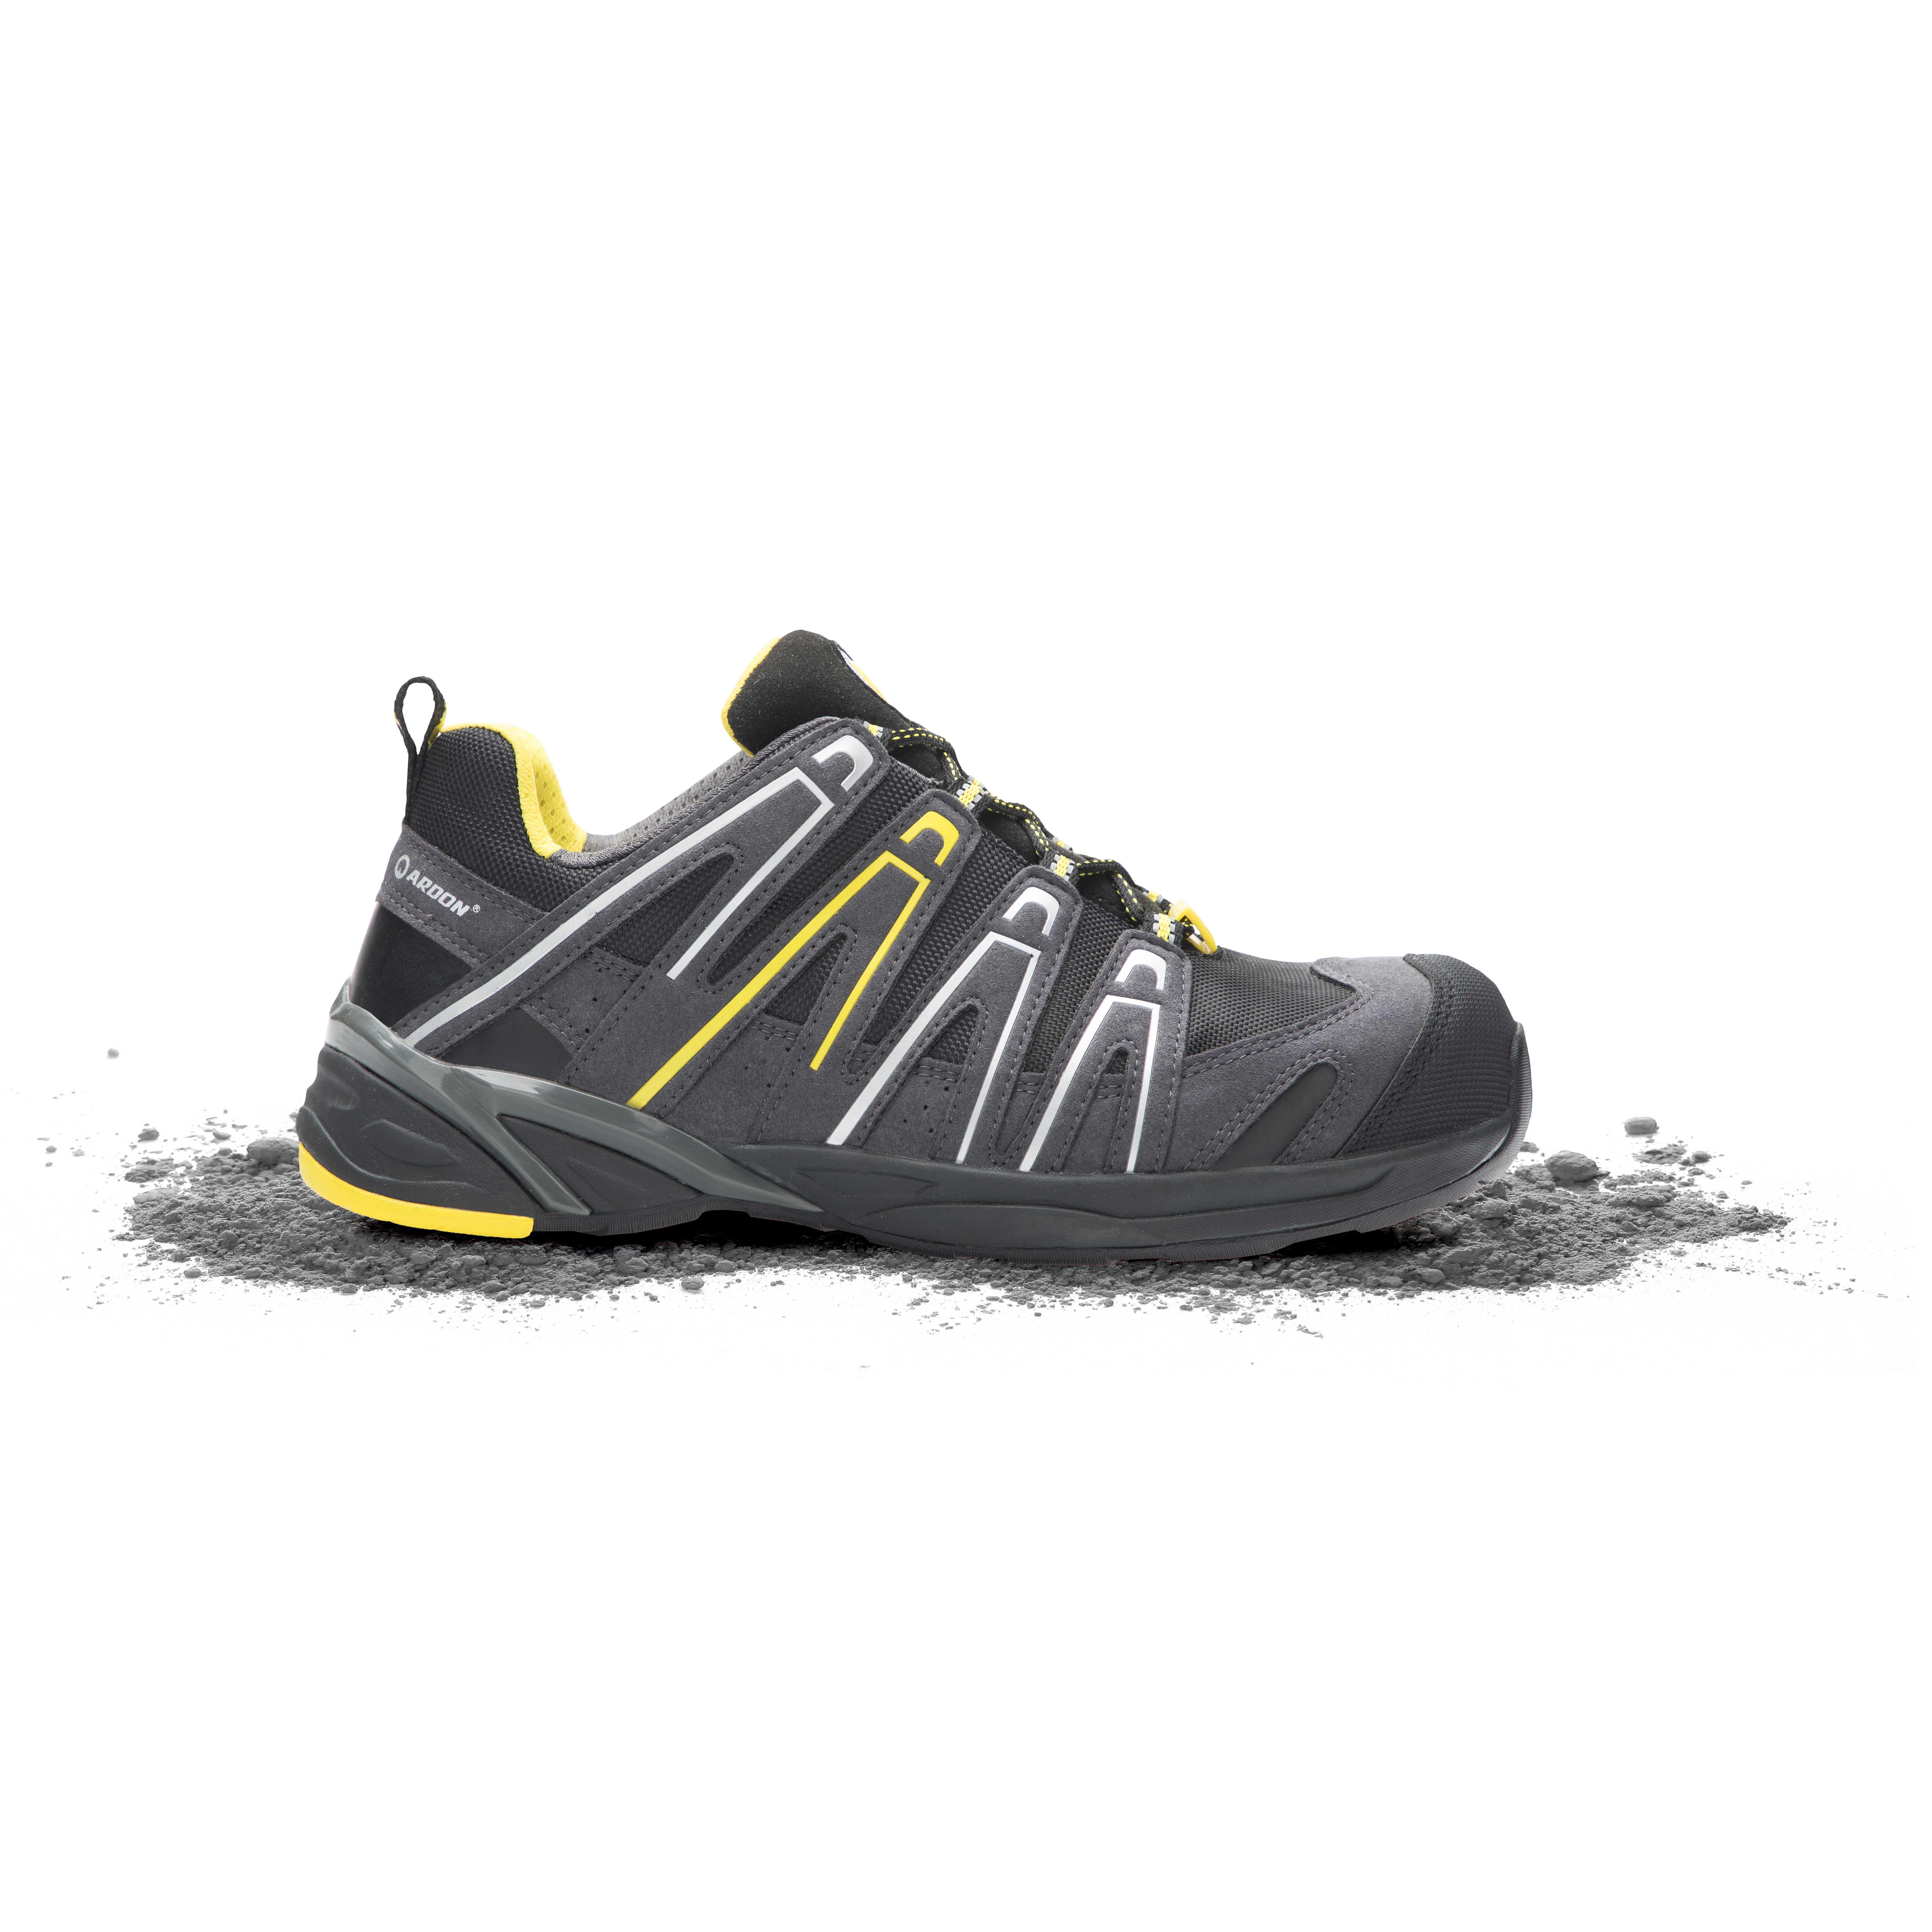 Pracovná obuv - Poltopánka DIGGER S1 (nekovová) 2c97c508b7